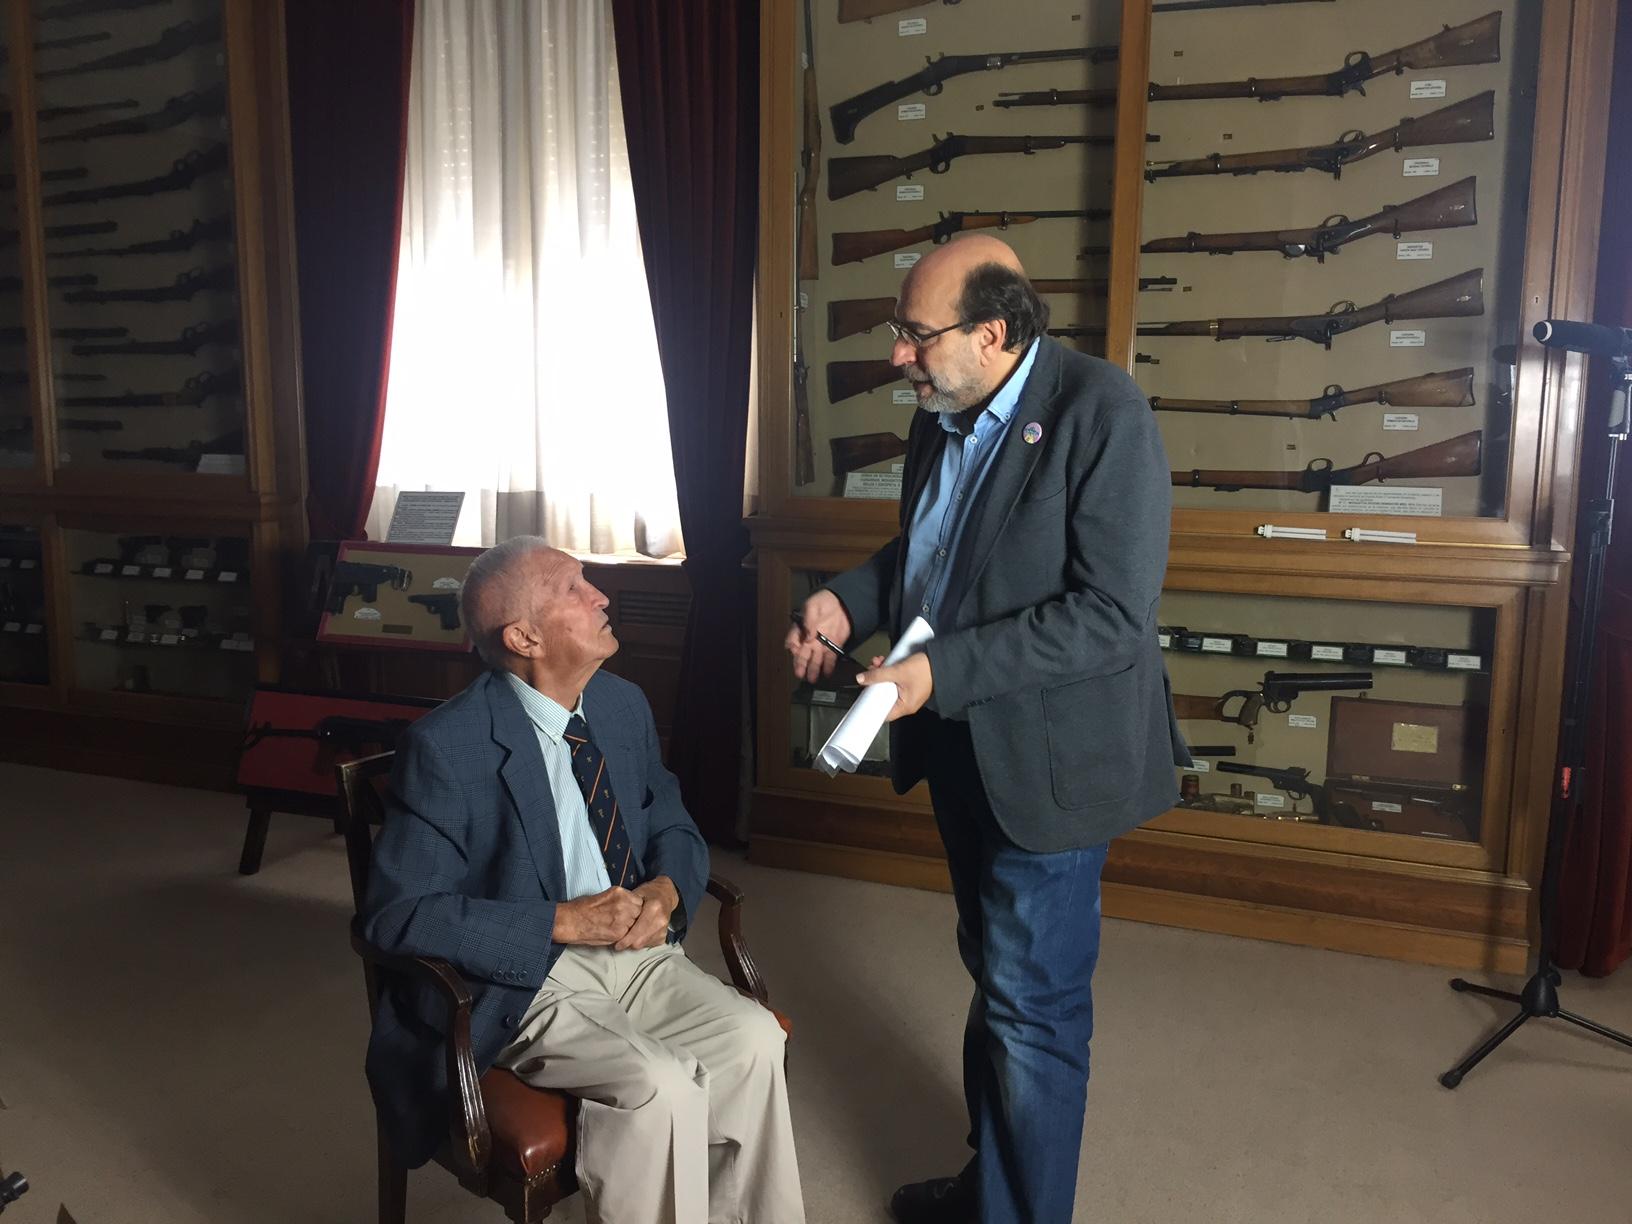 Entrevista a Fermín Garcés por Felipe Hernández Cava.